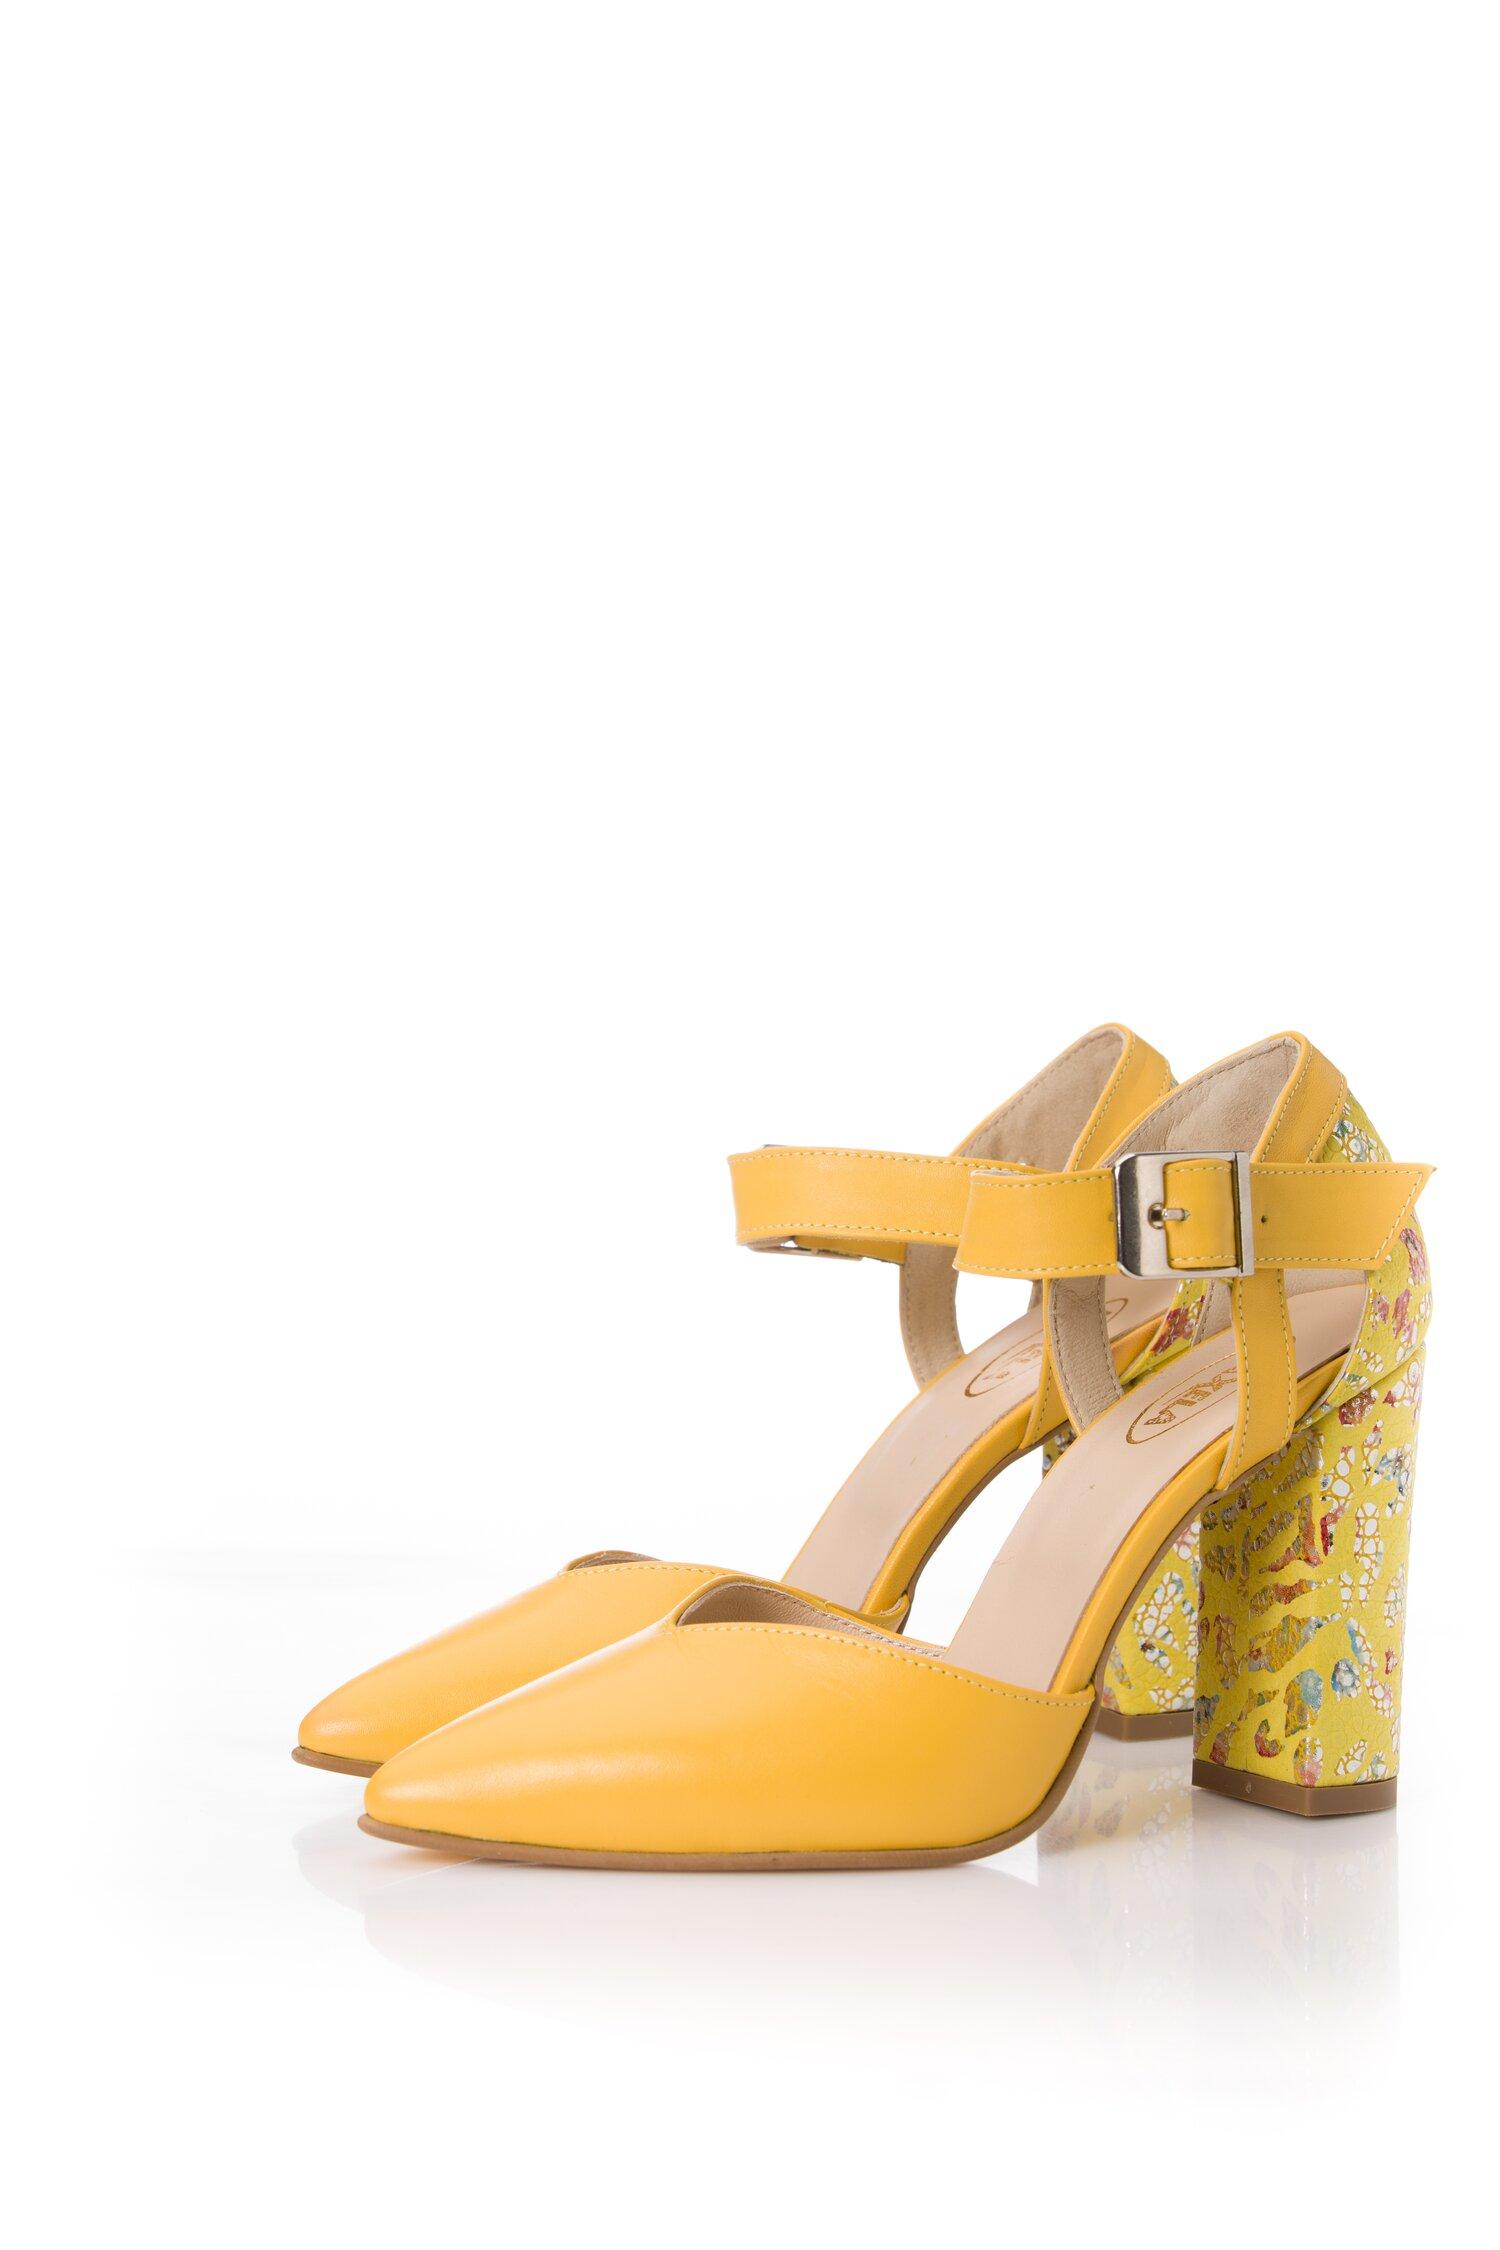 Pantofi galbeni din piele naturala cu imprimeu colorat pe toc imagine